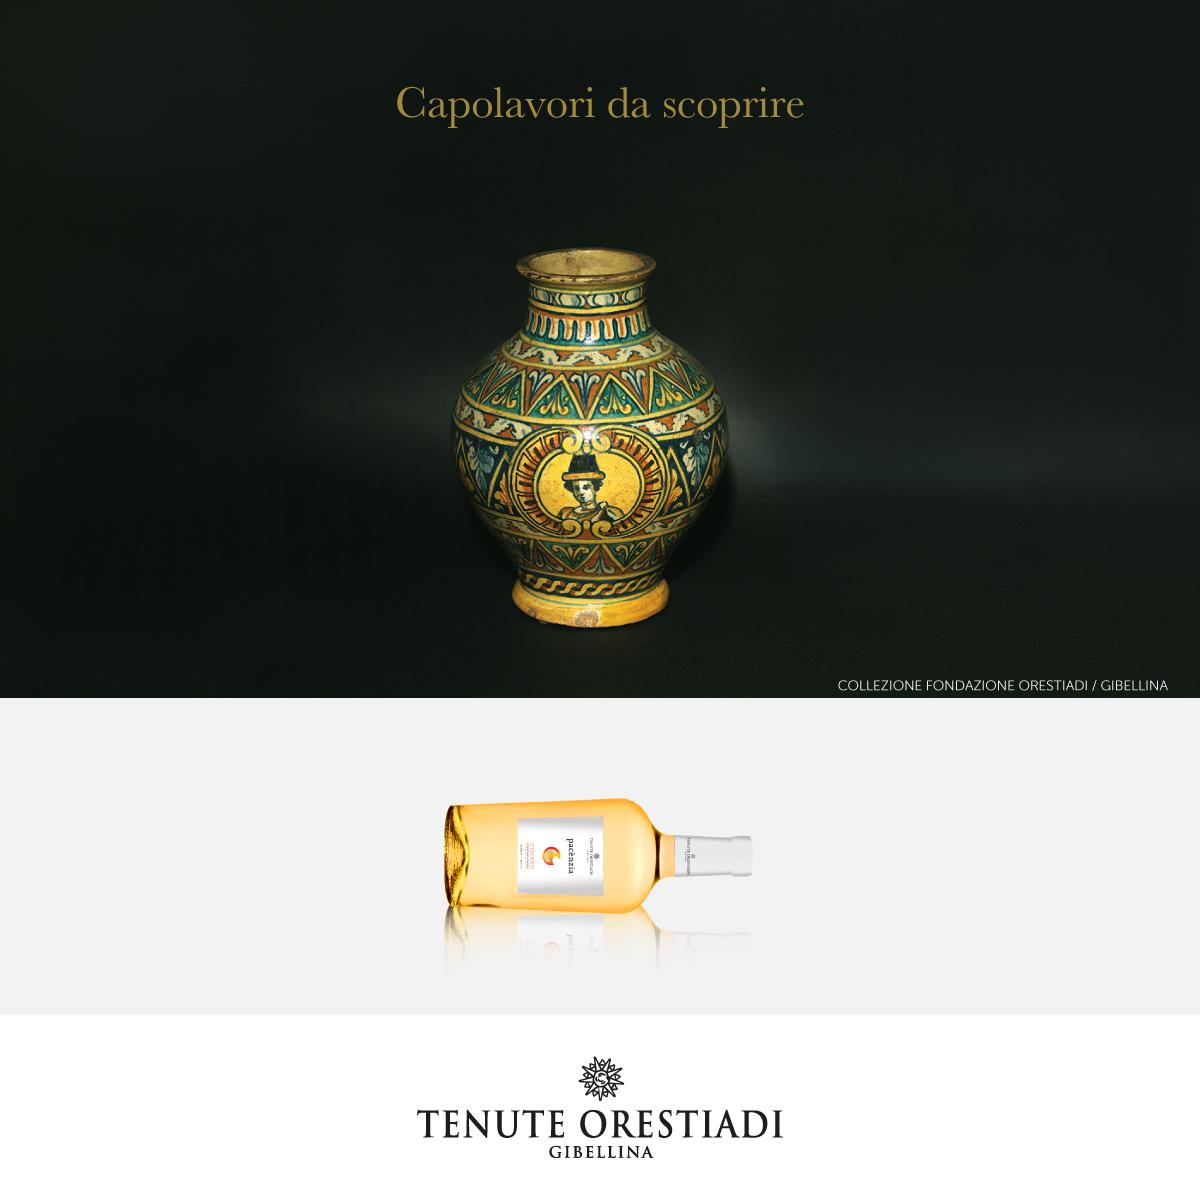 Il criterio espositivo delle ceramiche del Museo delle Trame Mediterranee accosta manufatti di diversa provenienza per cogliere l'evoluzione dei principali temi decorativi che hanno caratterizzato lo sviluppo dell'arte e dell'artigianato artistico mediterraneo.